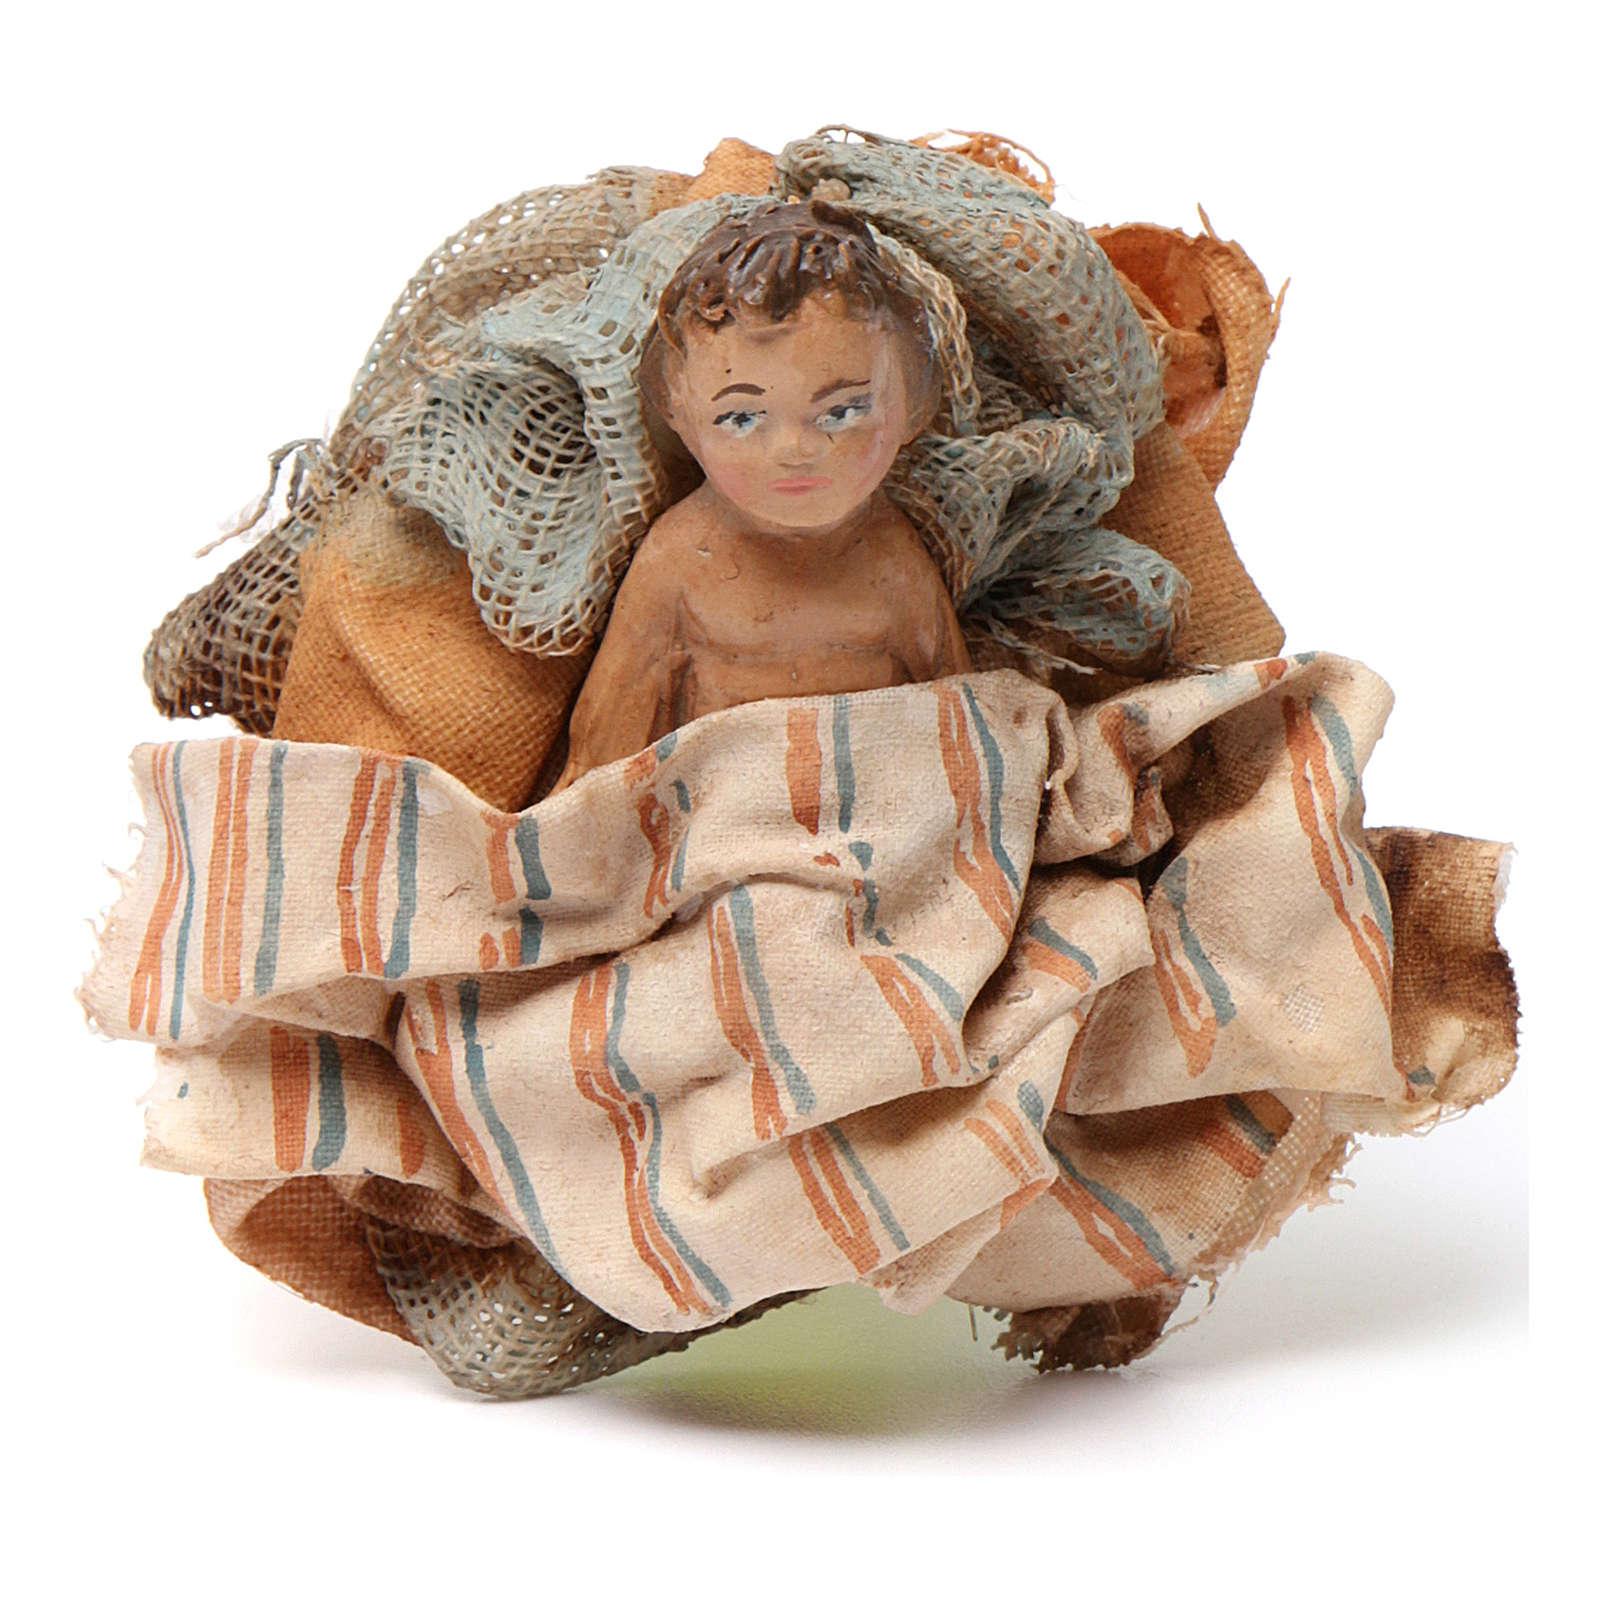 Natività 13 cm terracotta Presepe Tripi 4